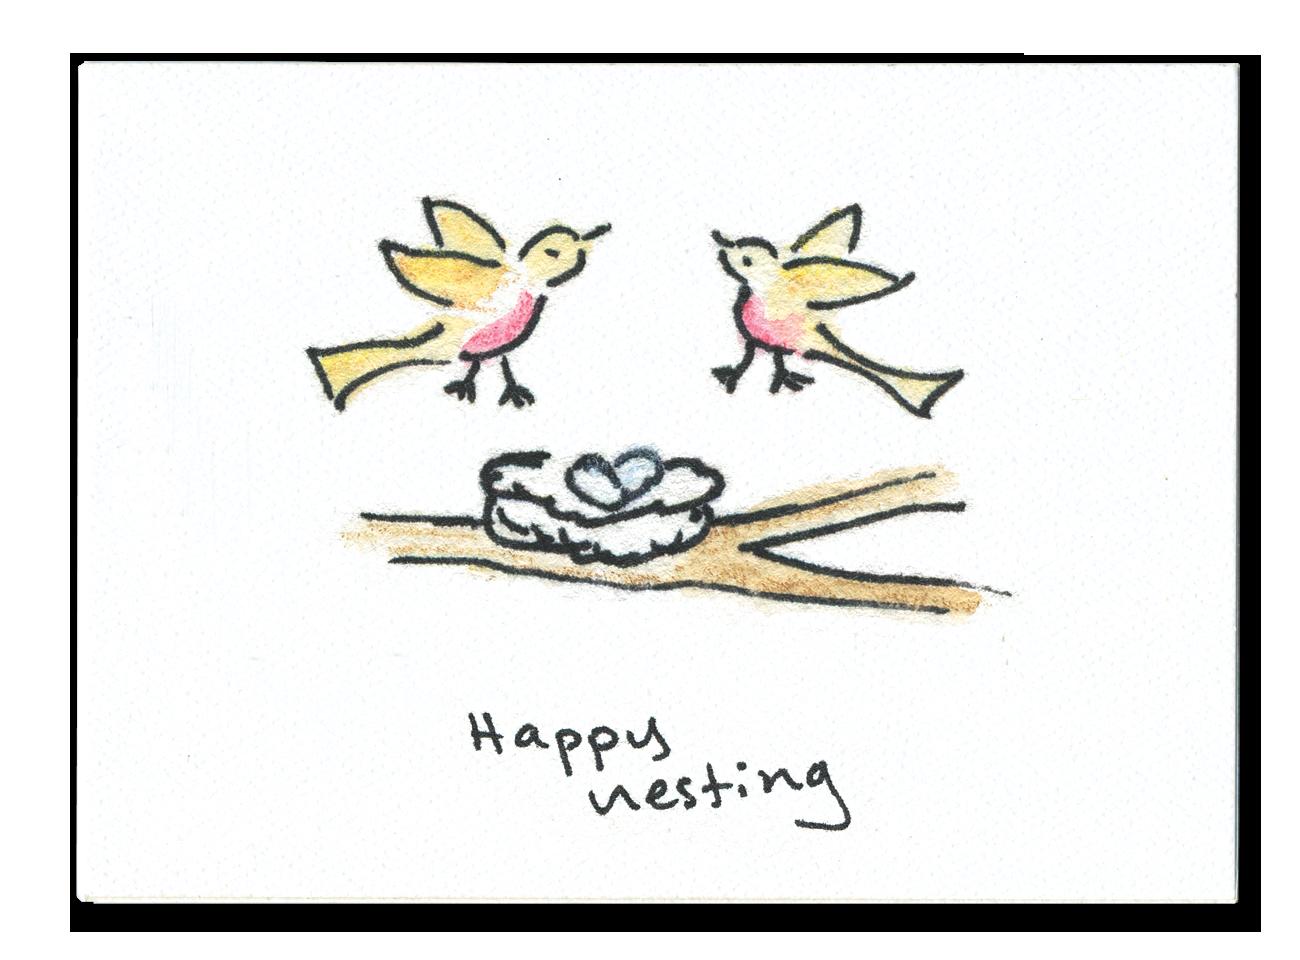 Happy Nesting